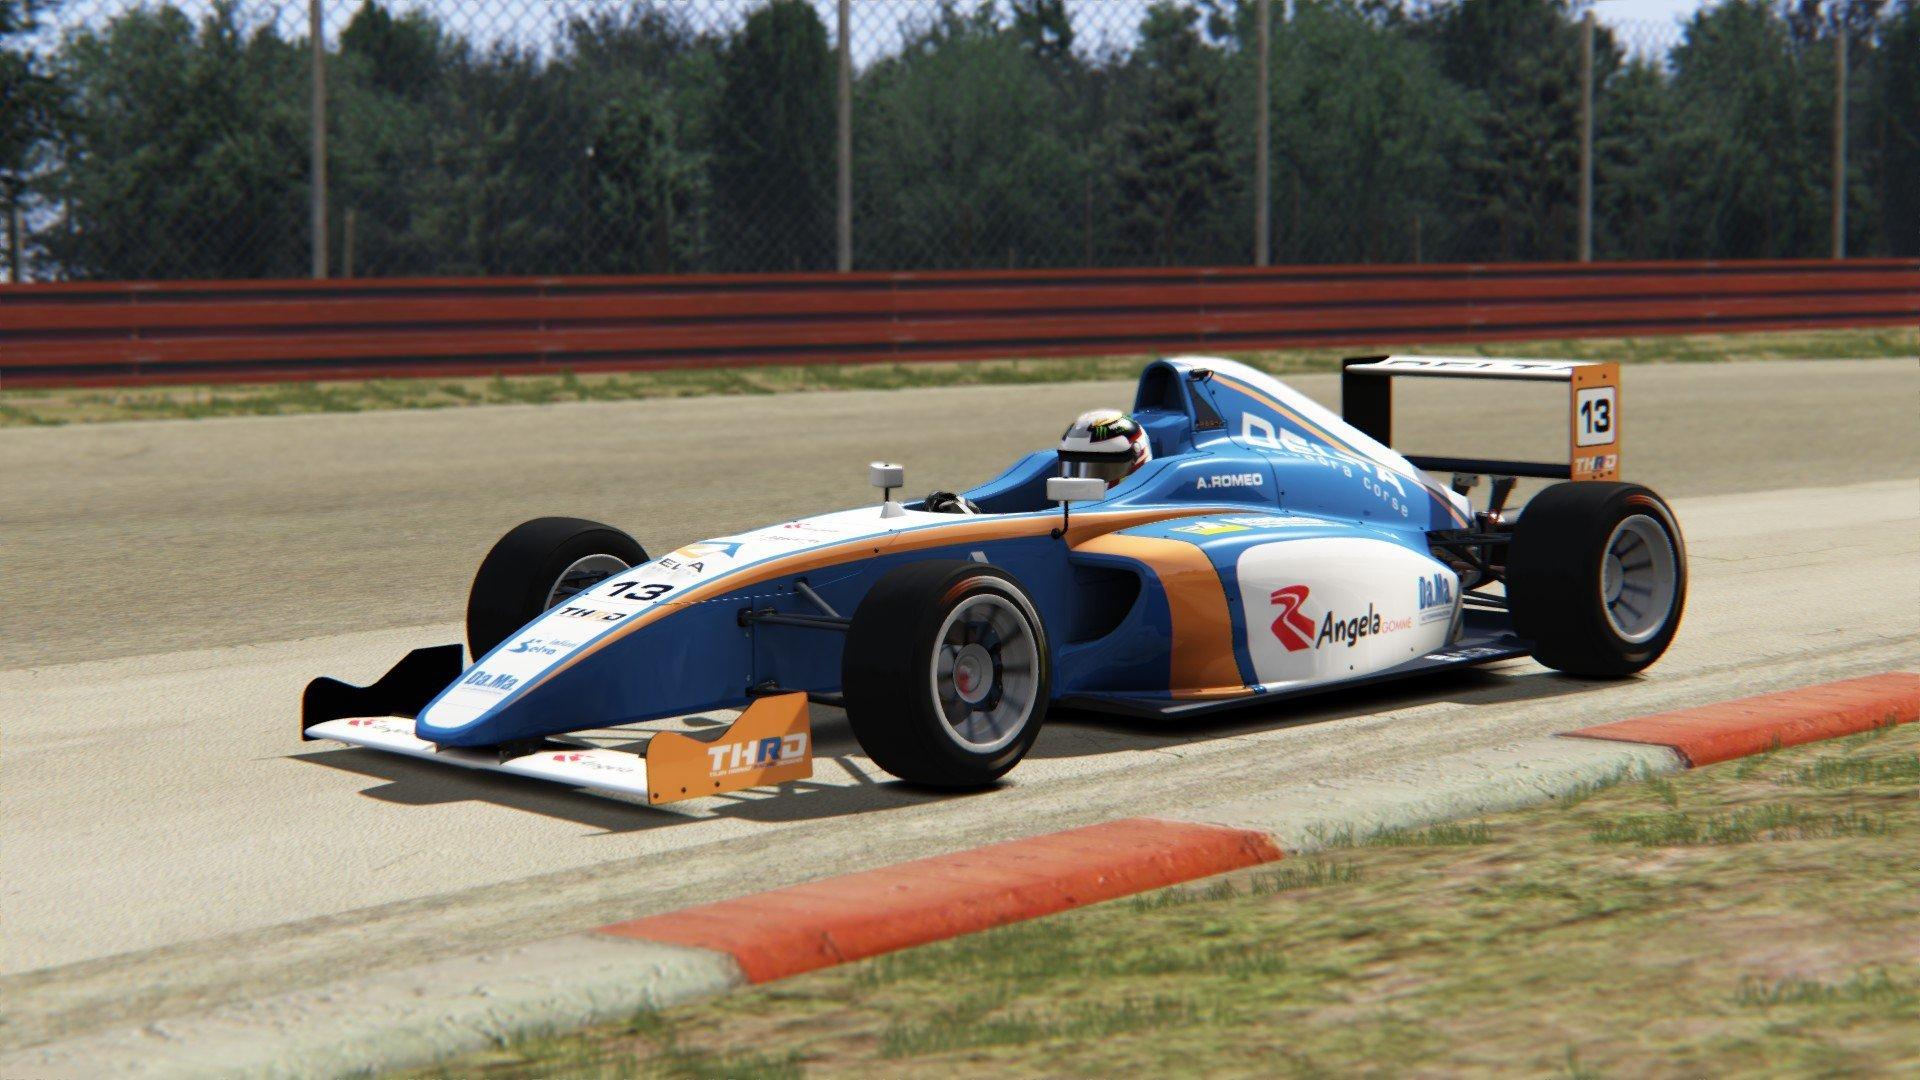 Andrea Romeo a bordo della sua F4